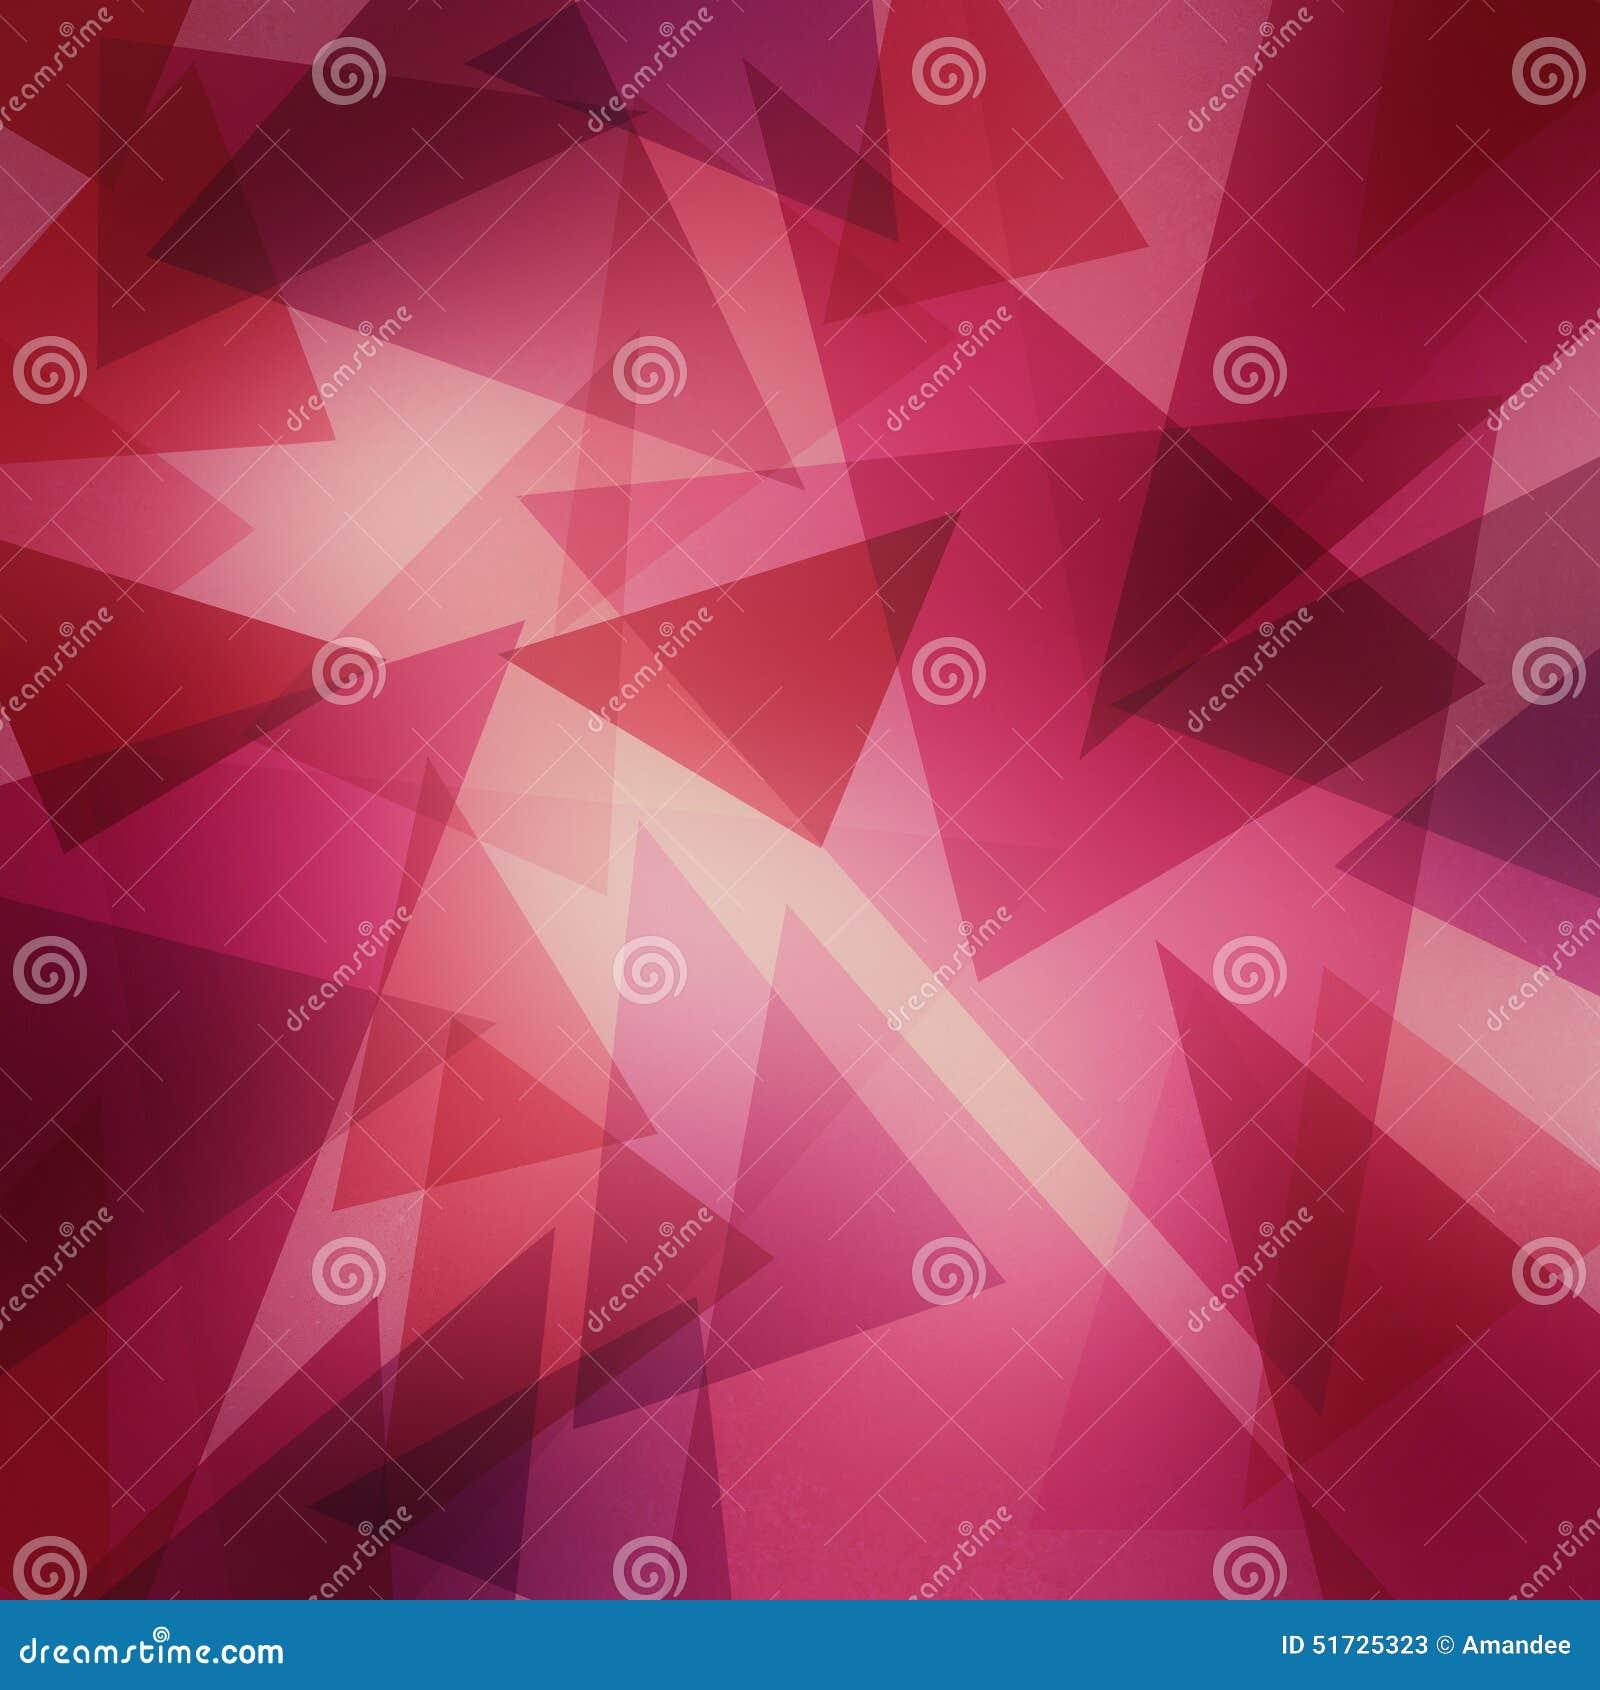 摘要与明亮的中心,乐趣当代艺术背景设计的层状桃红色和紫色三角样式